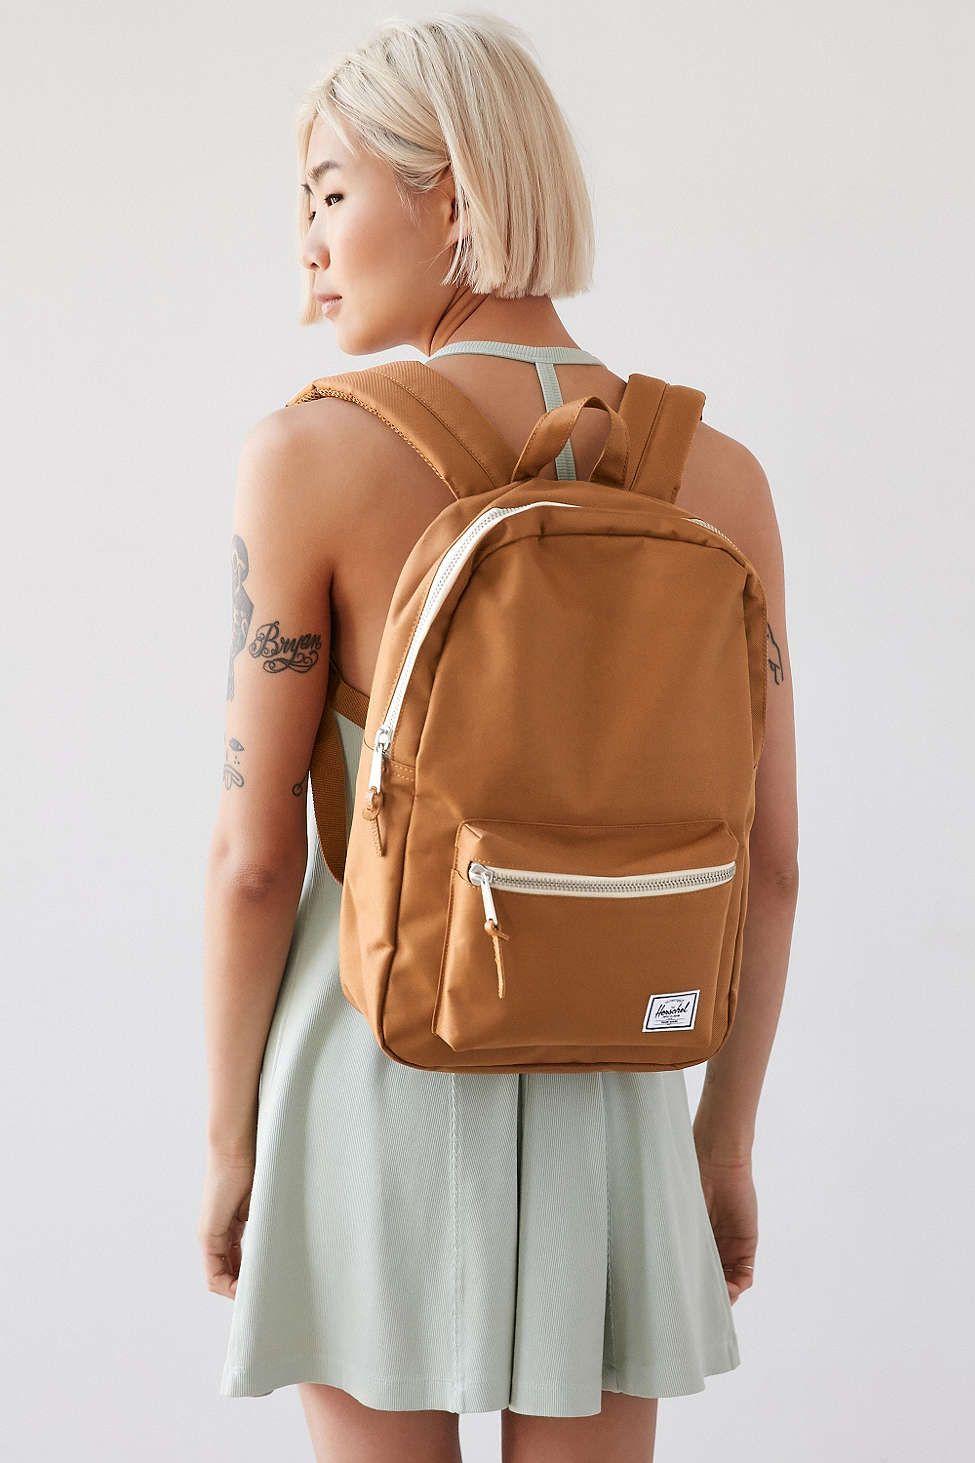 d457a32a96f Herschel Supply Co. Settlement Mid-Volume Backpack